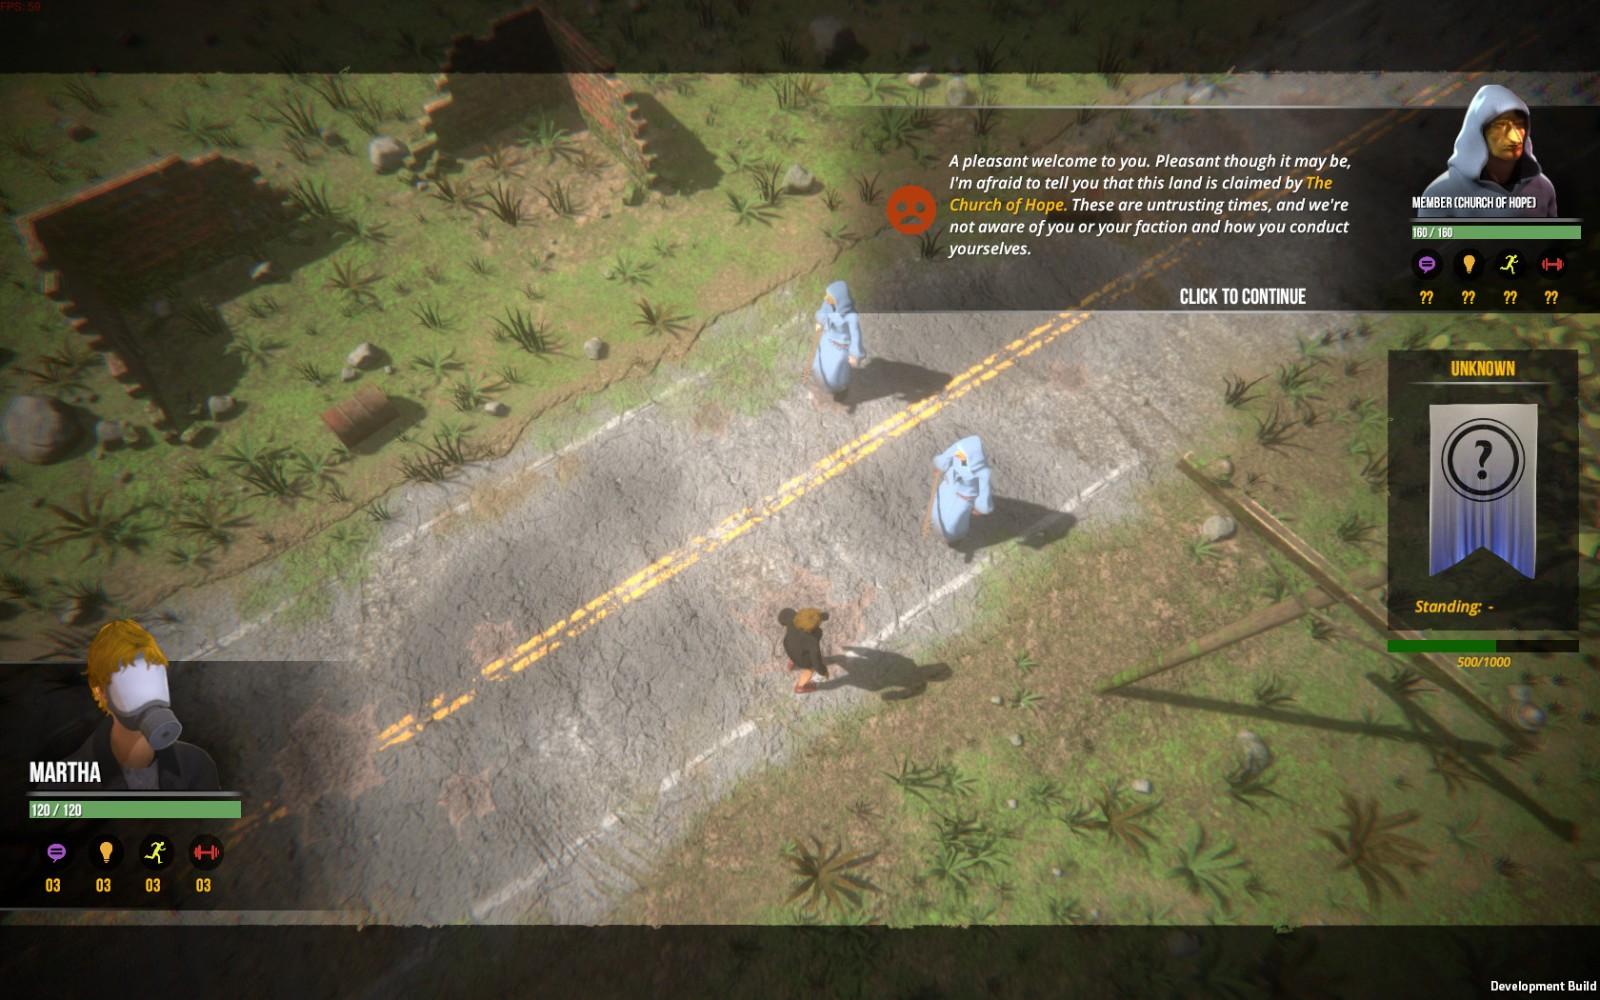 末世生存管理模拟游戏《庇护所2》发售时间确认